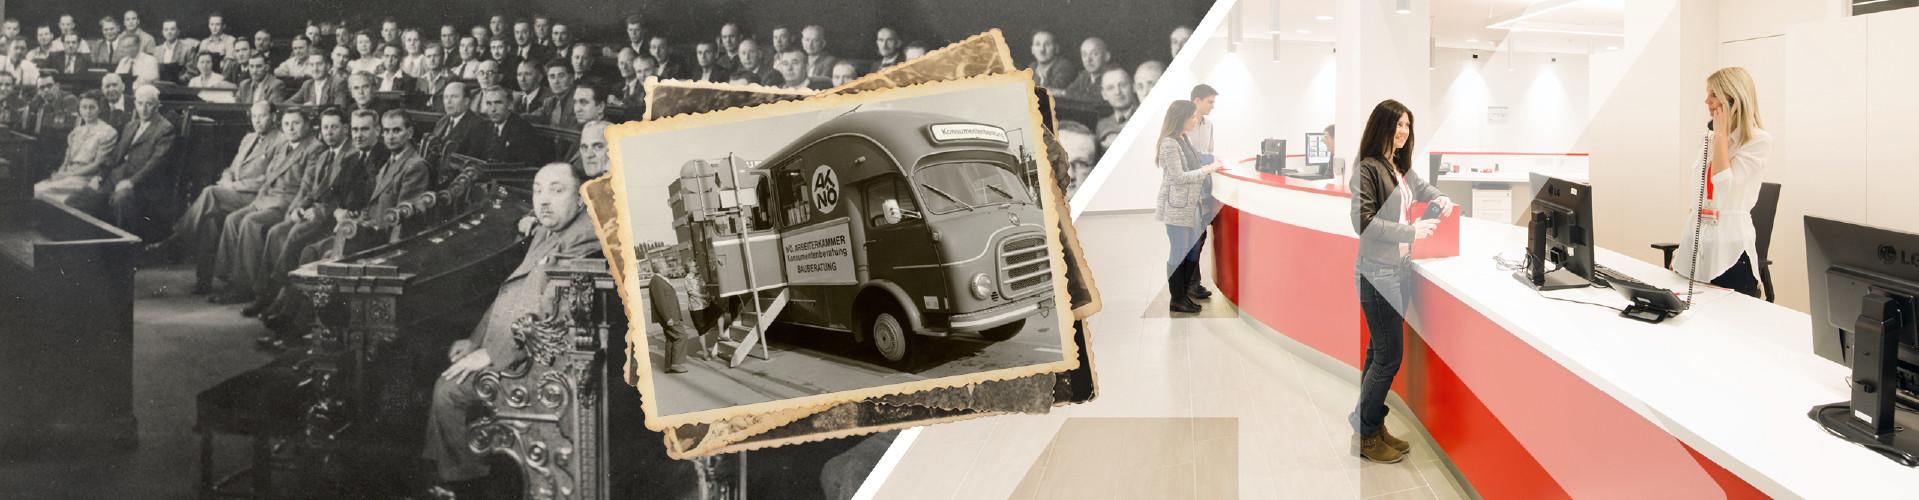 70 Jahre AK Niederösterreich © Mario Scheichel (rechtes Bild), AK Niederösterreich